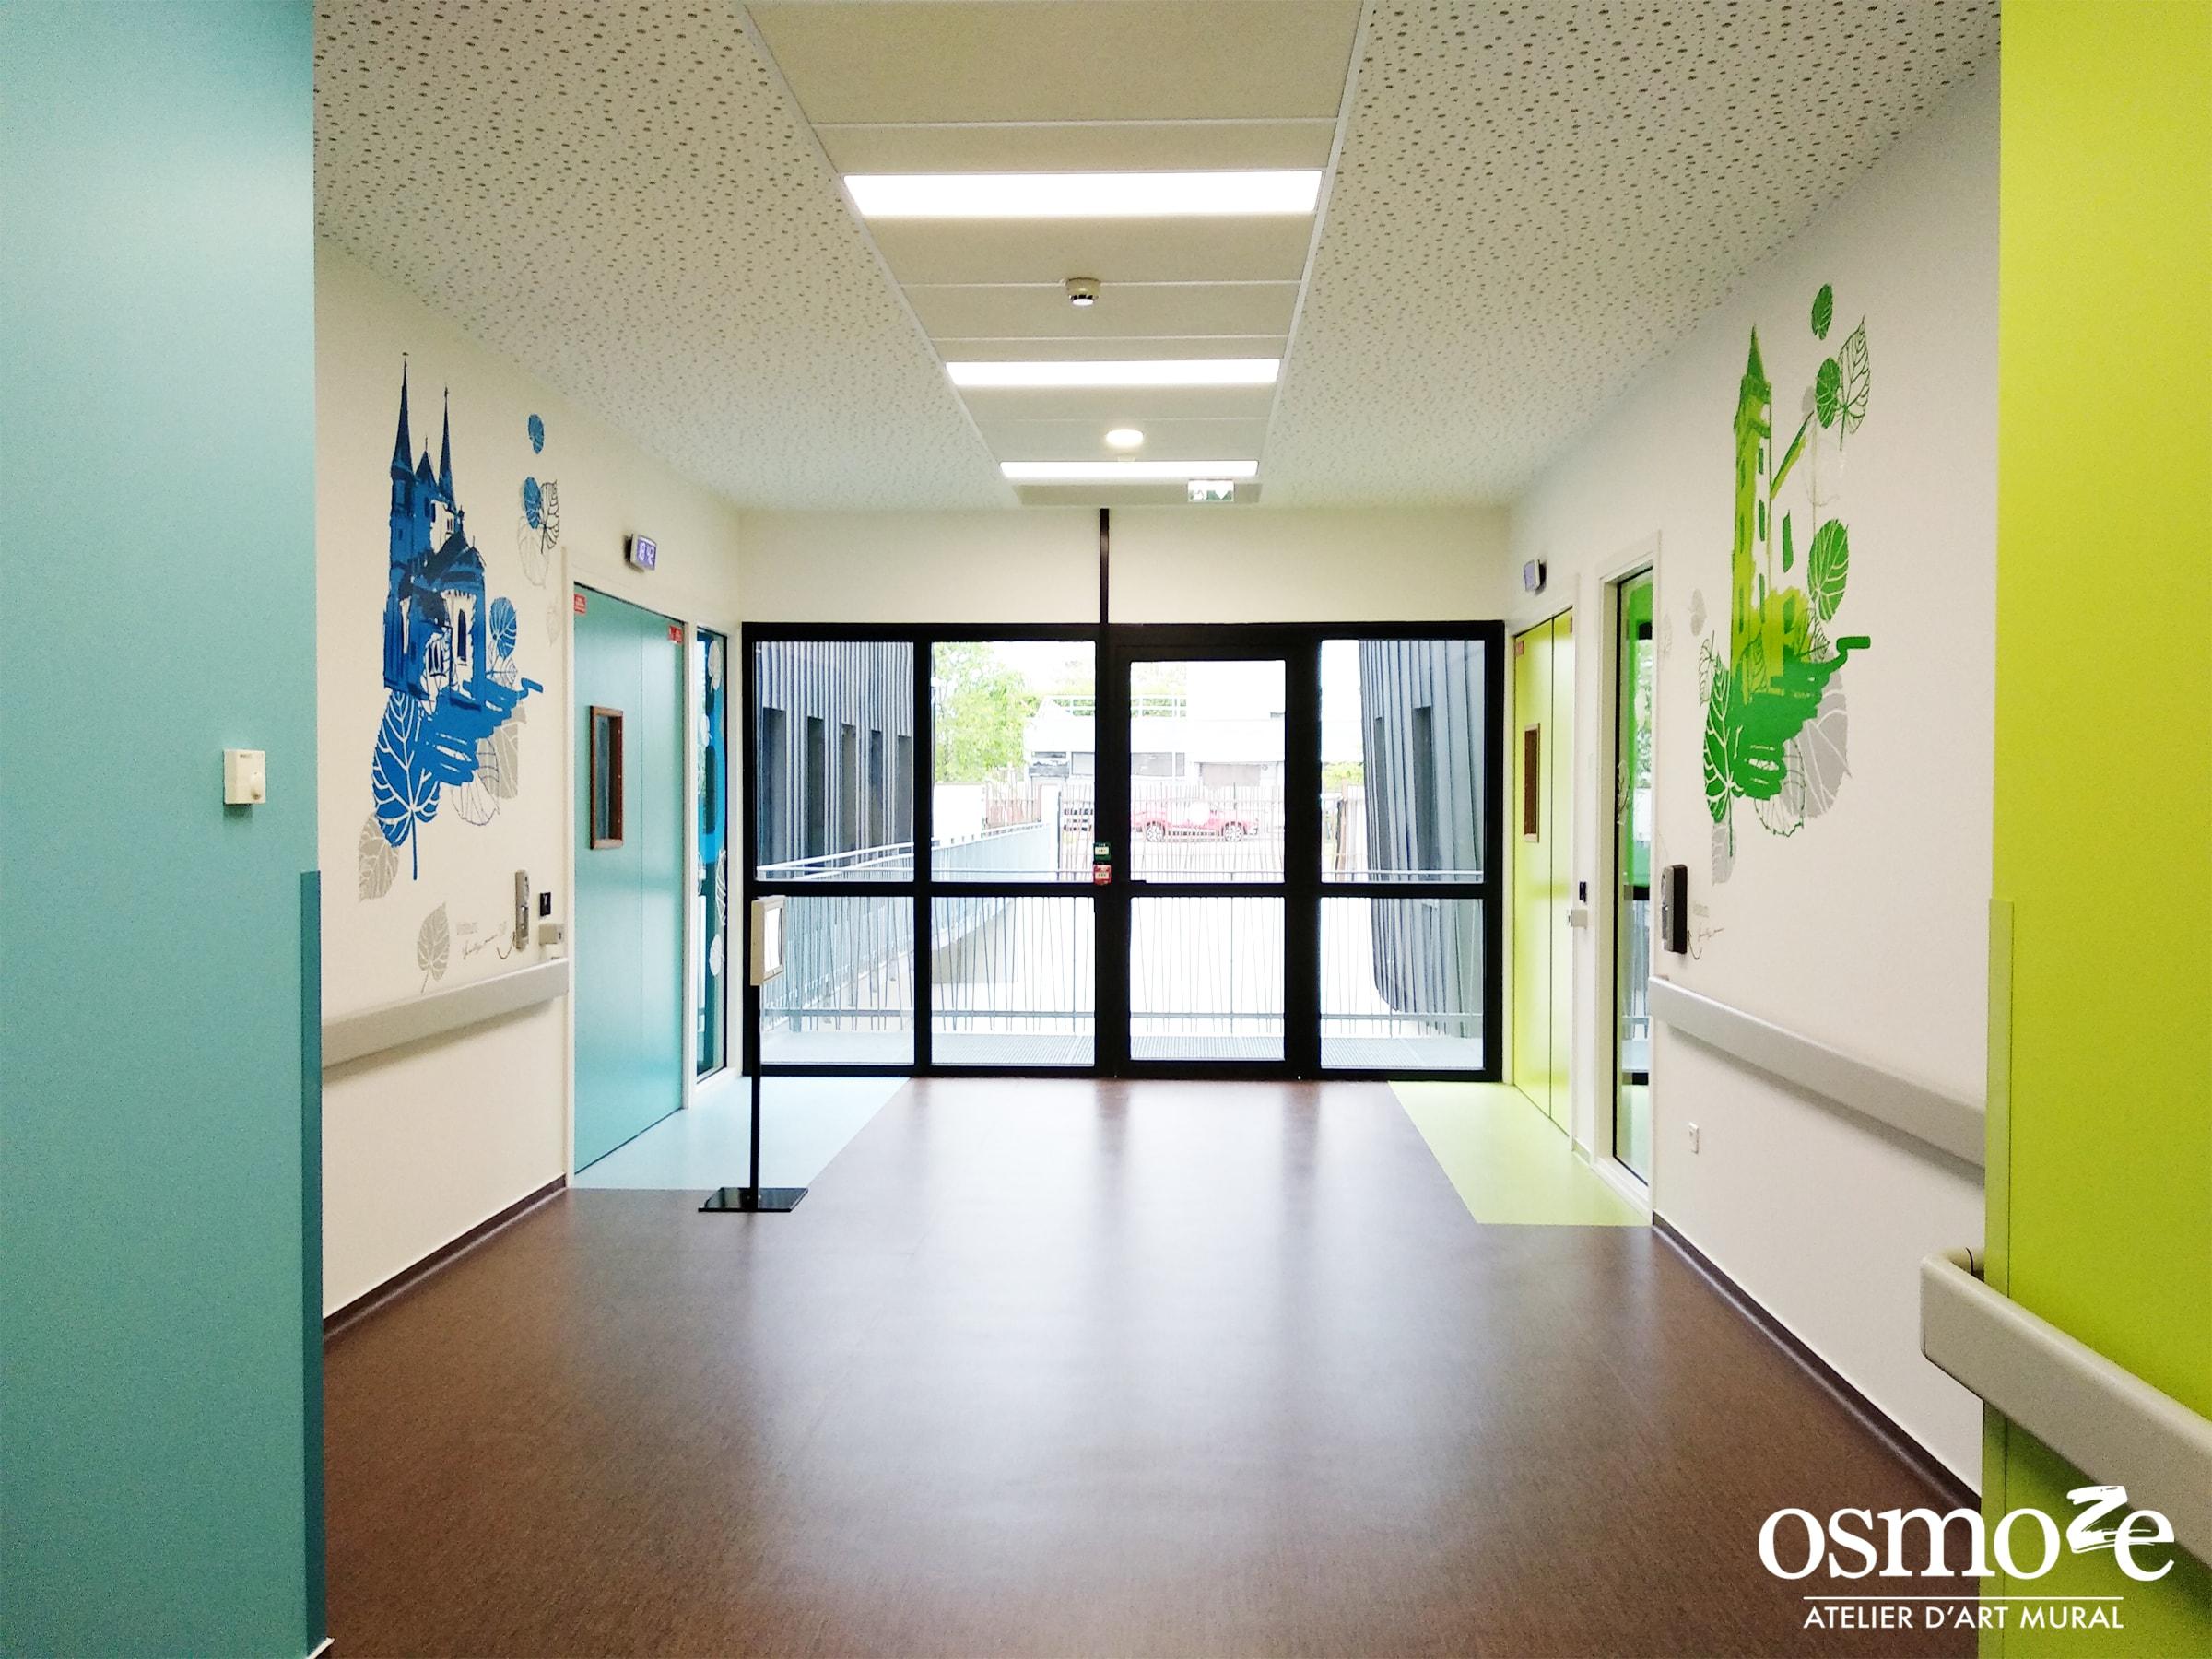 Décoration murale > Signalétique décorative > Vitrophanie > Osmoze > EPSAN > Cronenbourg > Strasbourg